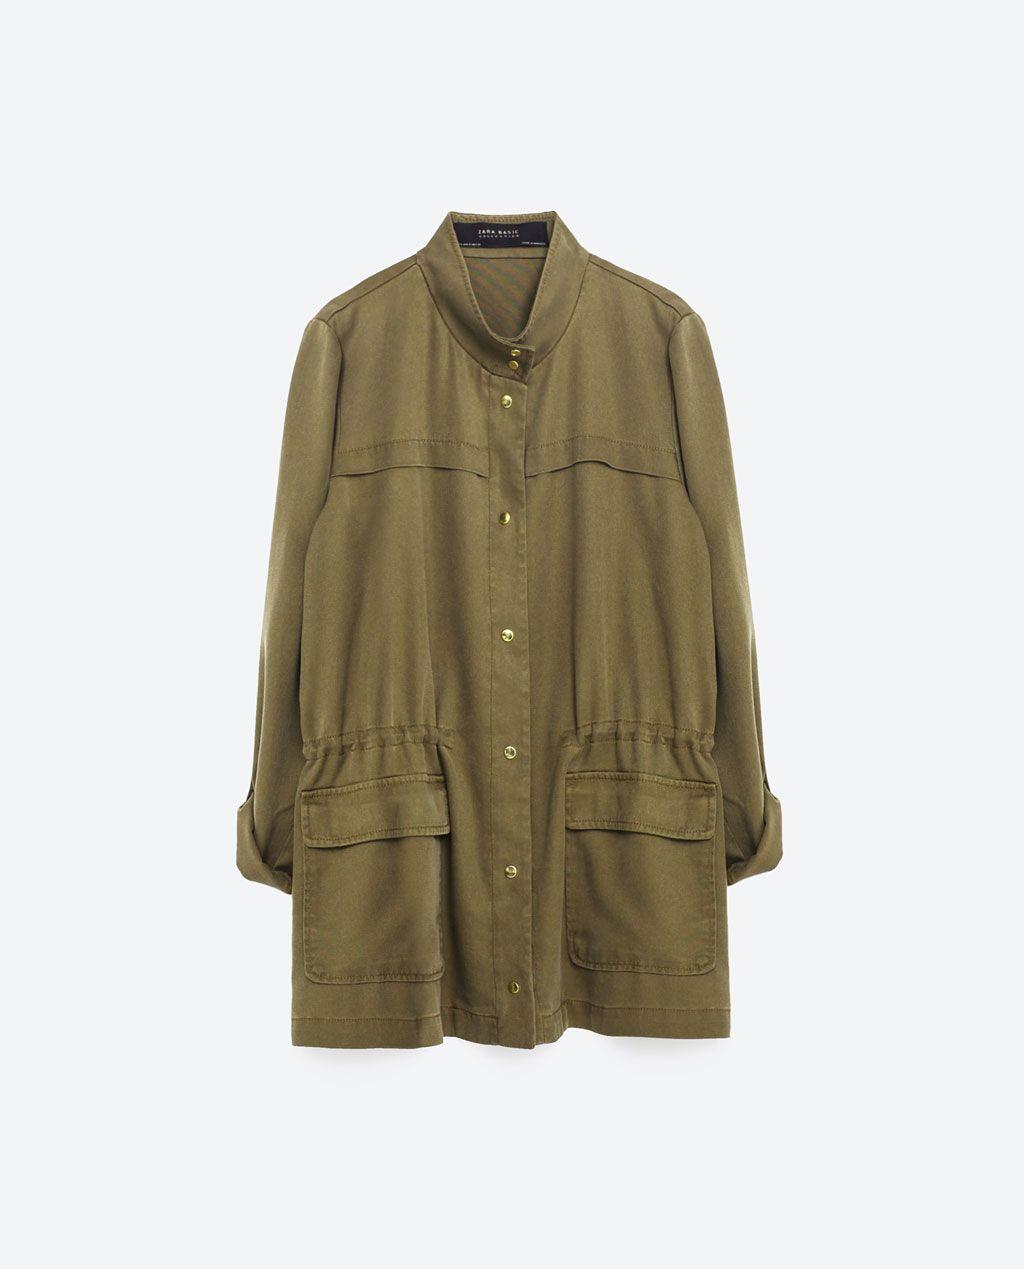 veste saharienne homme poche les vestes la mode sont populaires partout dans le monde. Black Bedroom Furniture Sets. Home Design Ideas